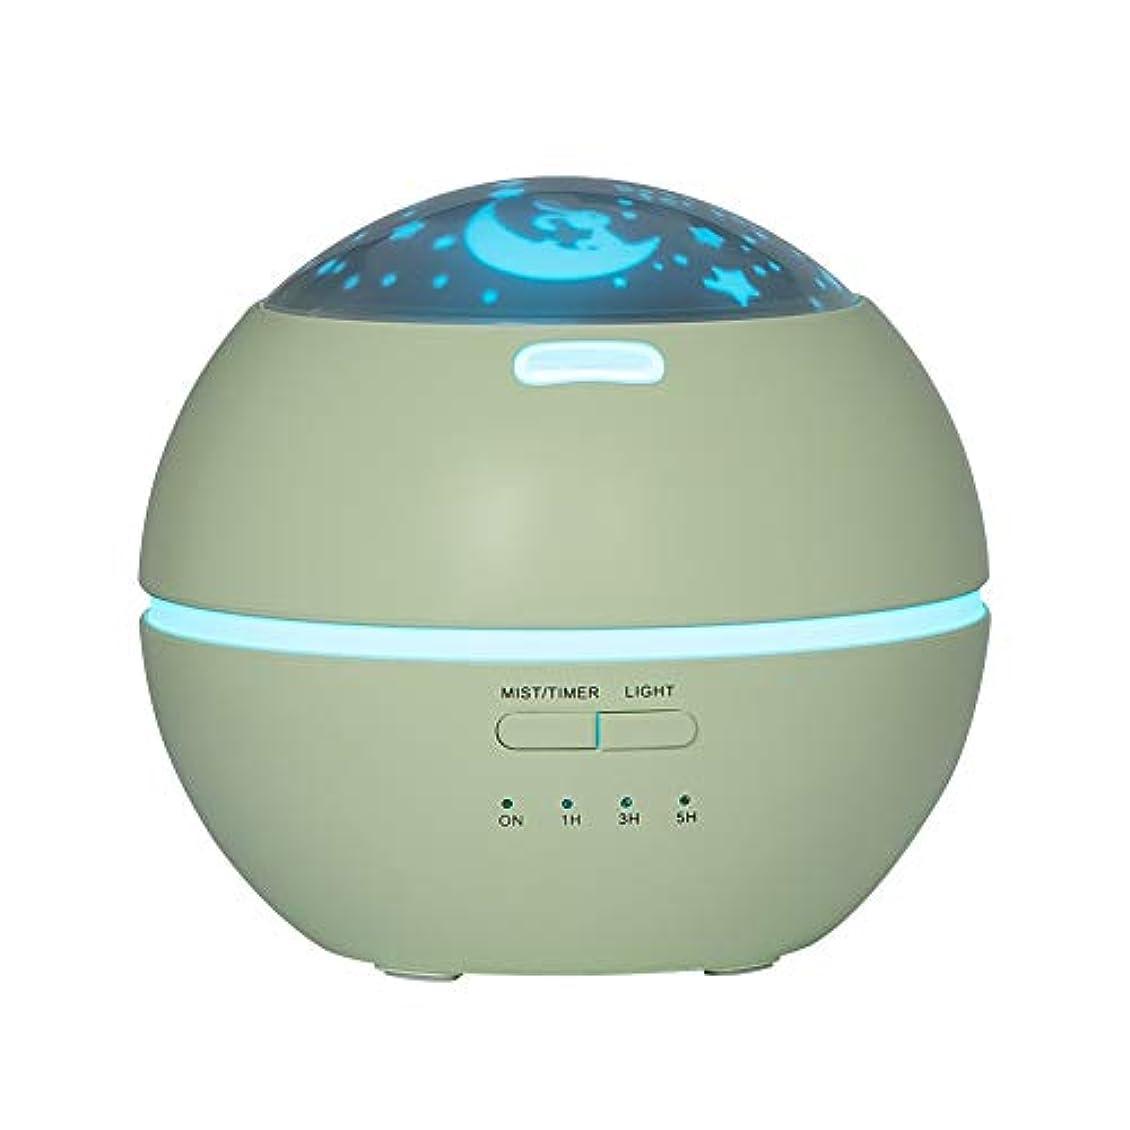 チャンバーカーペットオゾンLIBESON 加湿器 卓上 超音波式 アロマディフューザー 8色LEDライト変換 超静音 ミス調整可能 時間設定タイマー機能付き 空焚き防止機能搭載 アロマ加湿器 ホワイト150mL (グリーン)